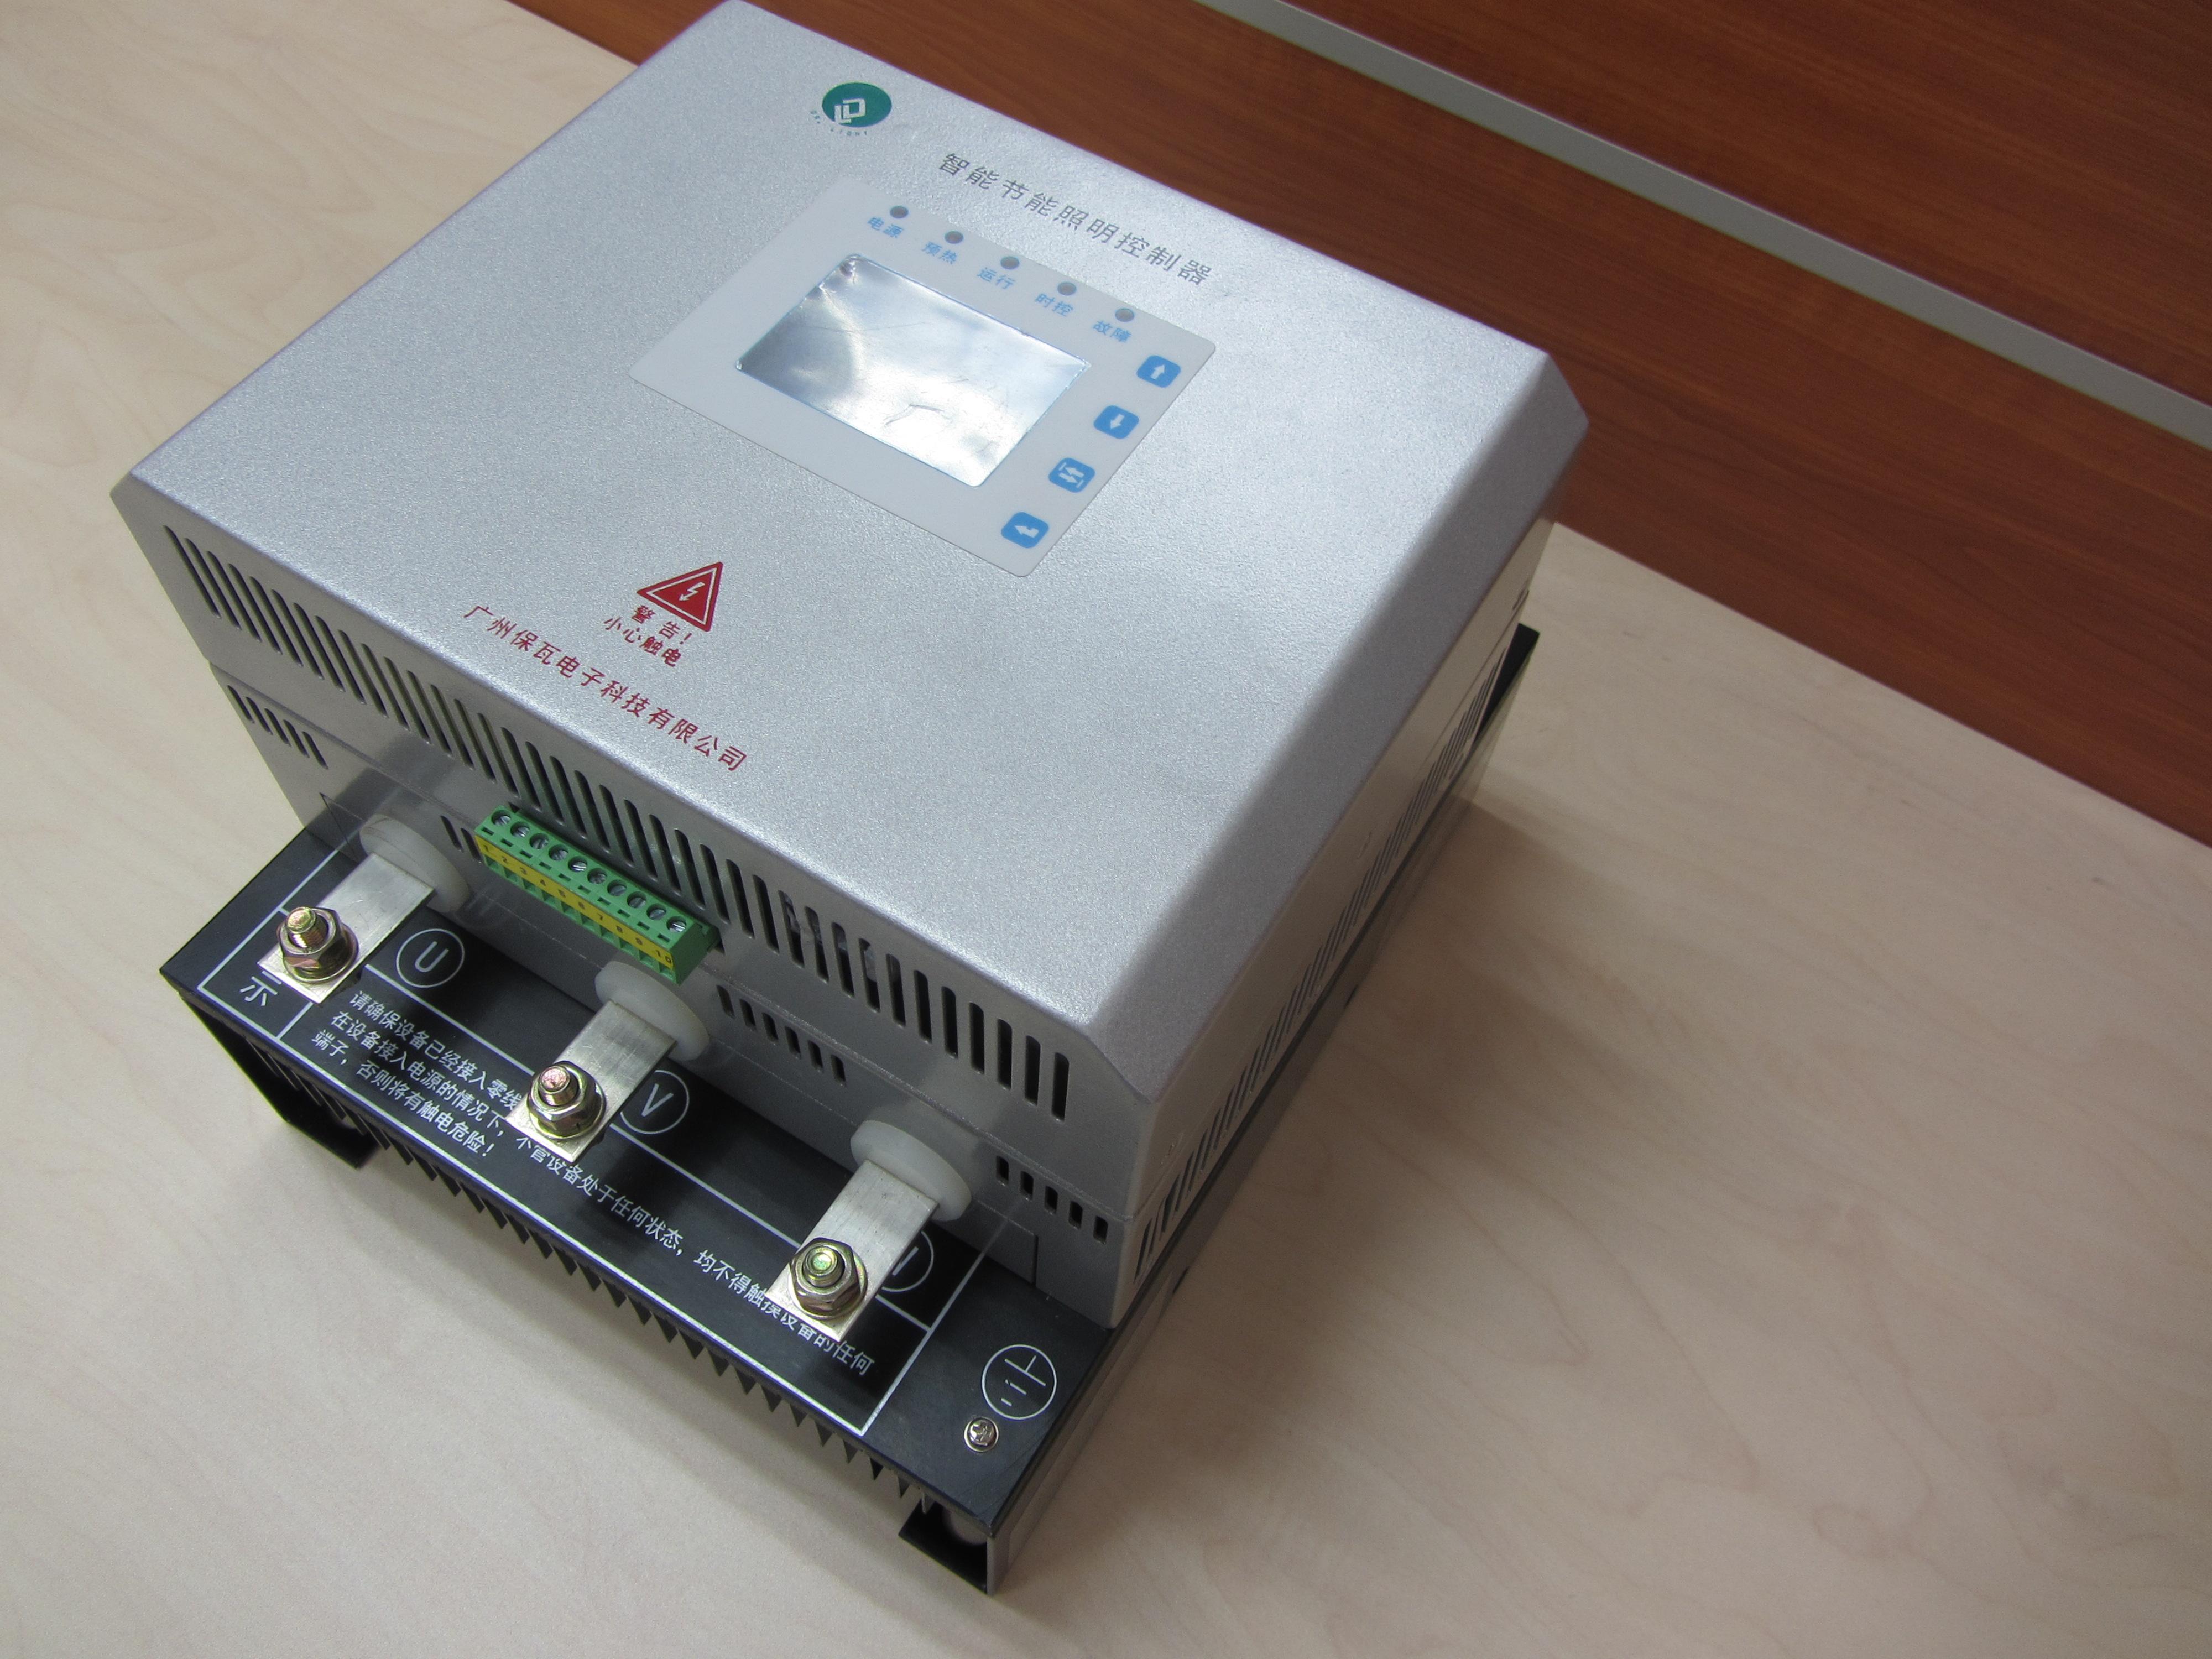 厂家直销 联 系 人:何相达 电 话:020-39388408-825 手 机:18680290979 传 真:020-39388125 型号:SLC-3-20,SLC-3-30,SLC-3-40,SLC-3-50,SLC-3-60,SLC-3-80,SLC-3-100,SLC-3-160,SLC-3-200,SLC-3-300,SLC-3-400 概述 SL系列智能节能照明控制器是以微处理器技术和现代电力电子先进技术为基础开发的高性能产品,能有效的降压及限压,延长灯具的使用寿命,减少维护费用,降低维护人